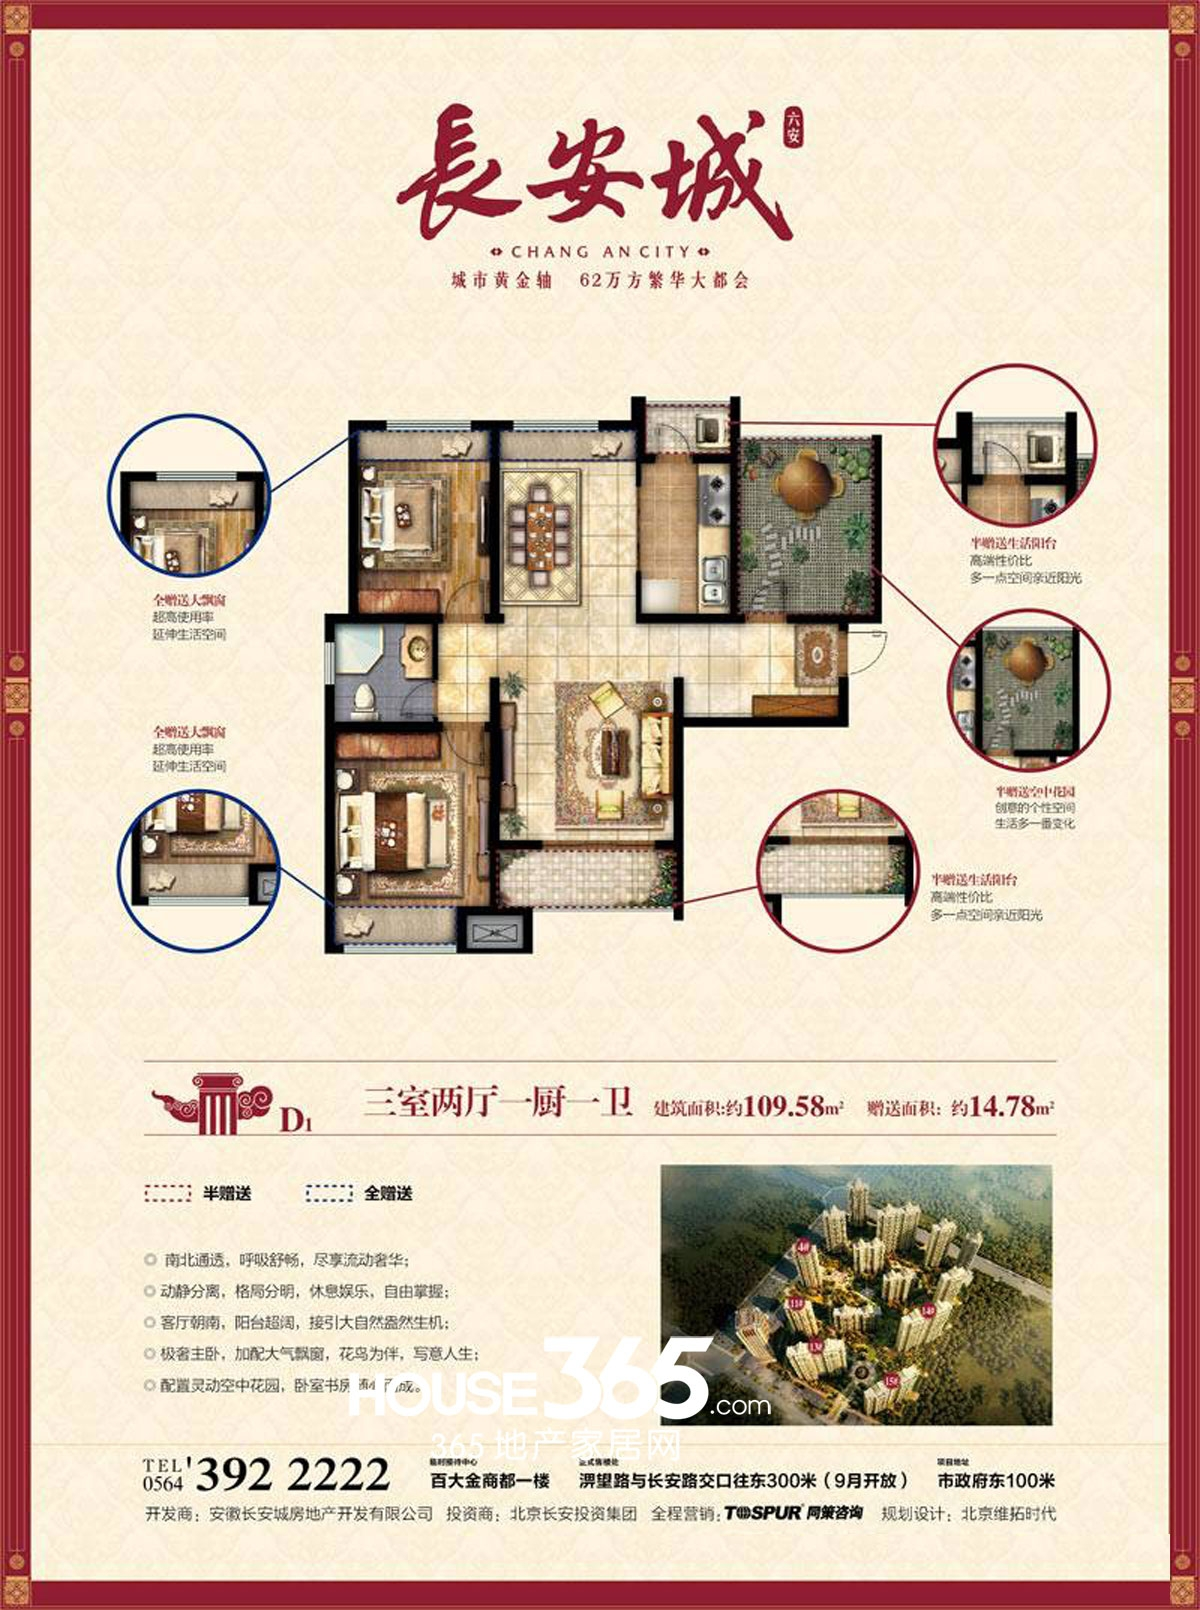 长安城4#D1户型图